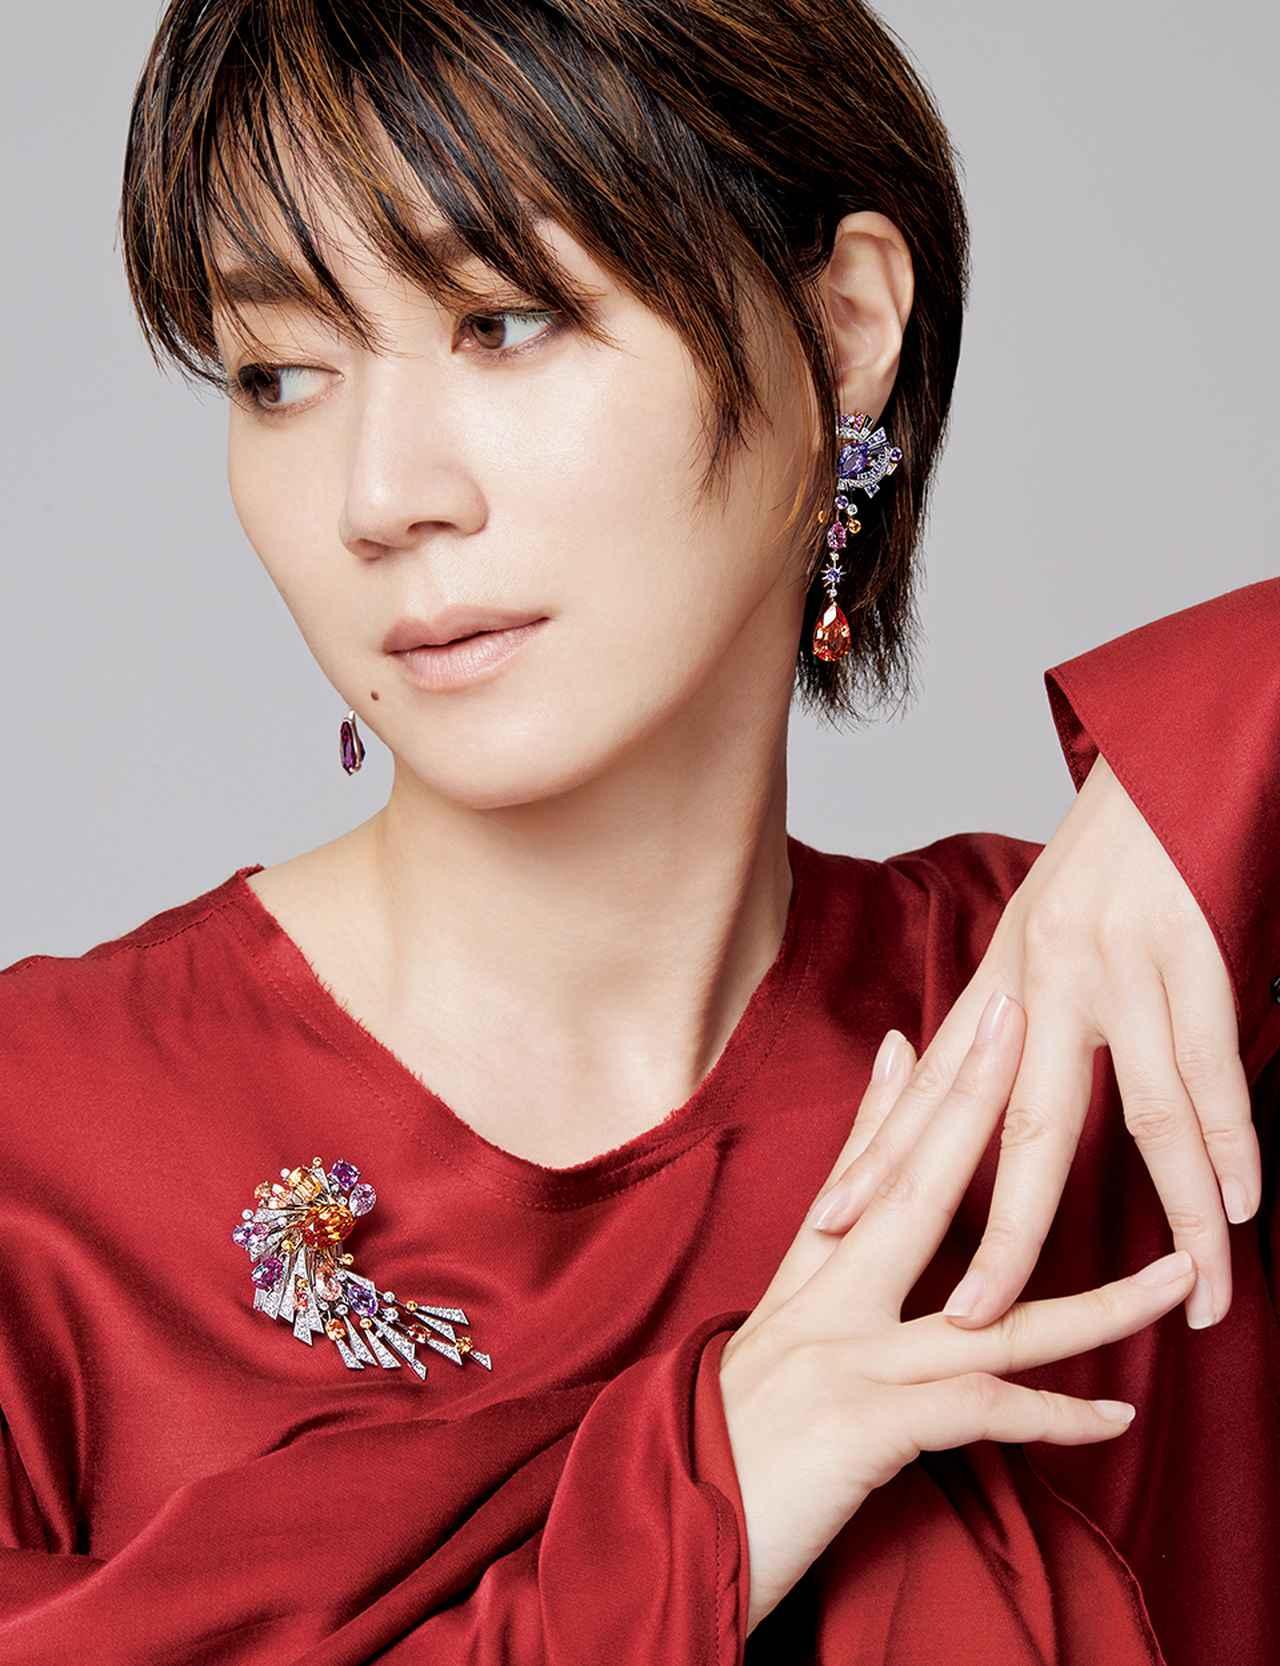 Images : 5番目の画像 - 「凰稀かなめ、奇跡の煌めき」のアルバム - T JAPAN:The New York Times Style Magazine 公式サイト